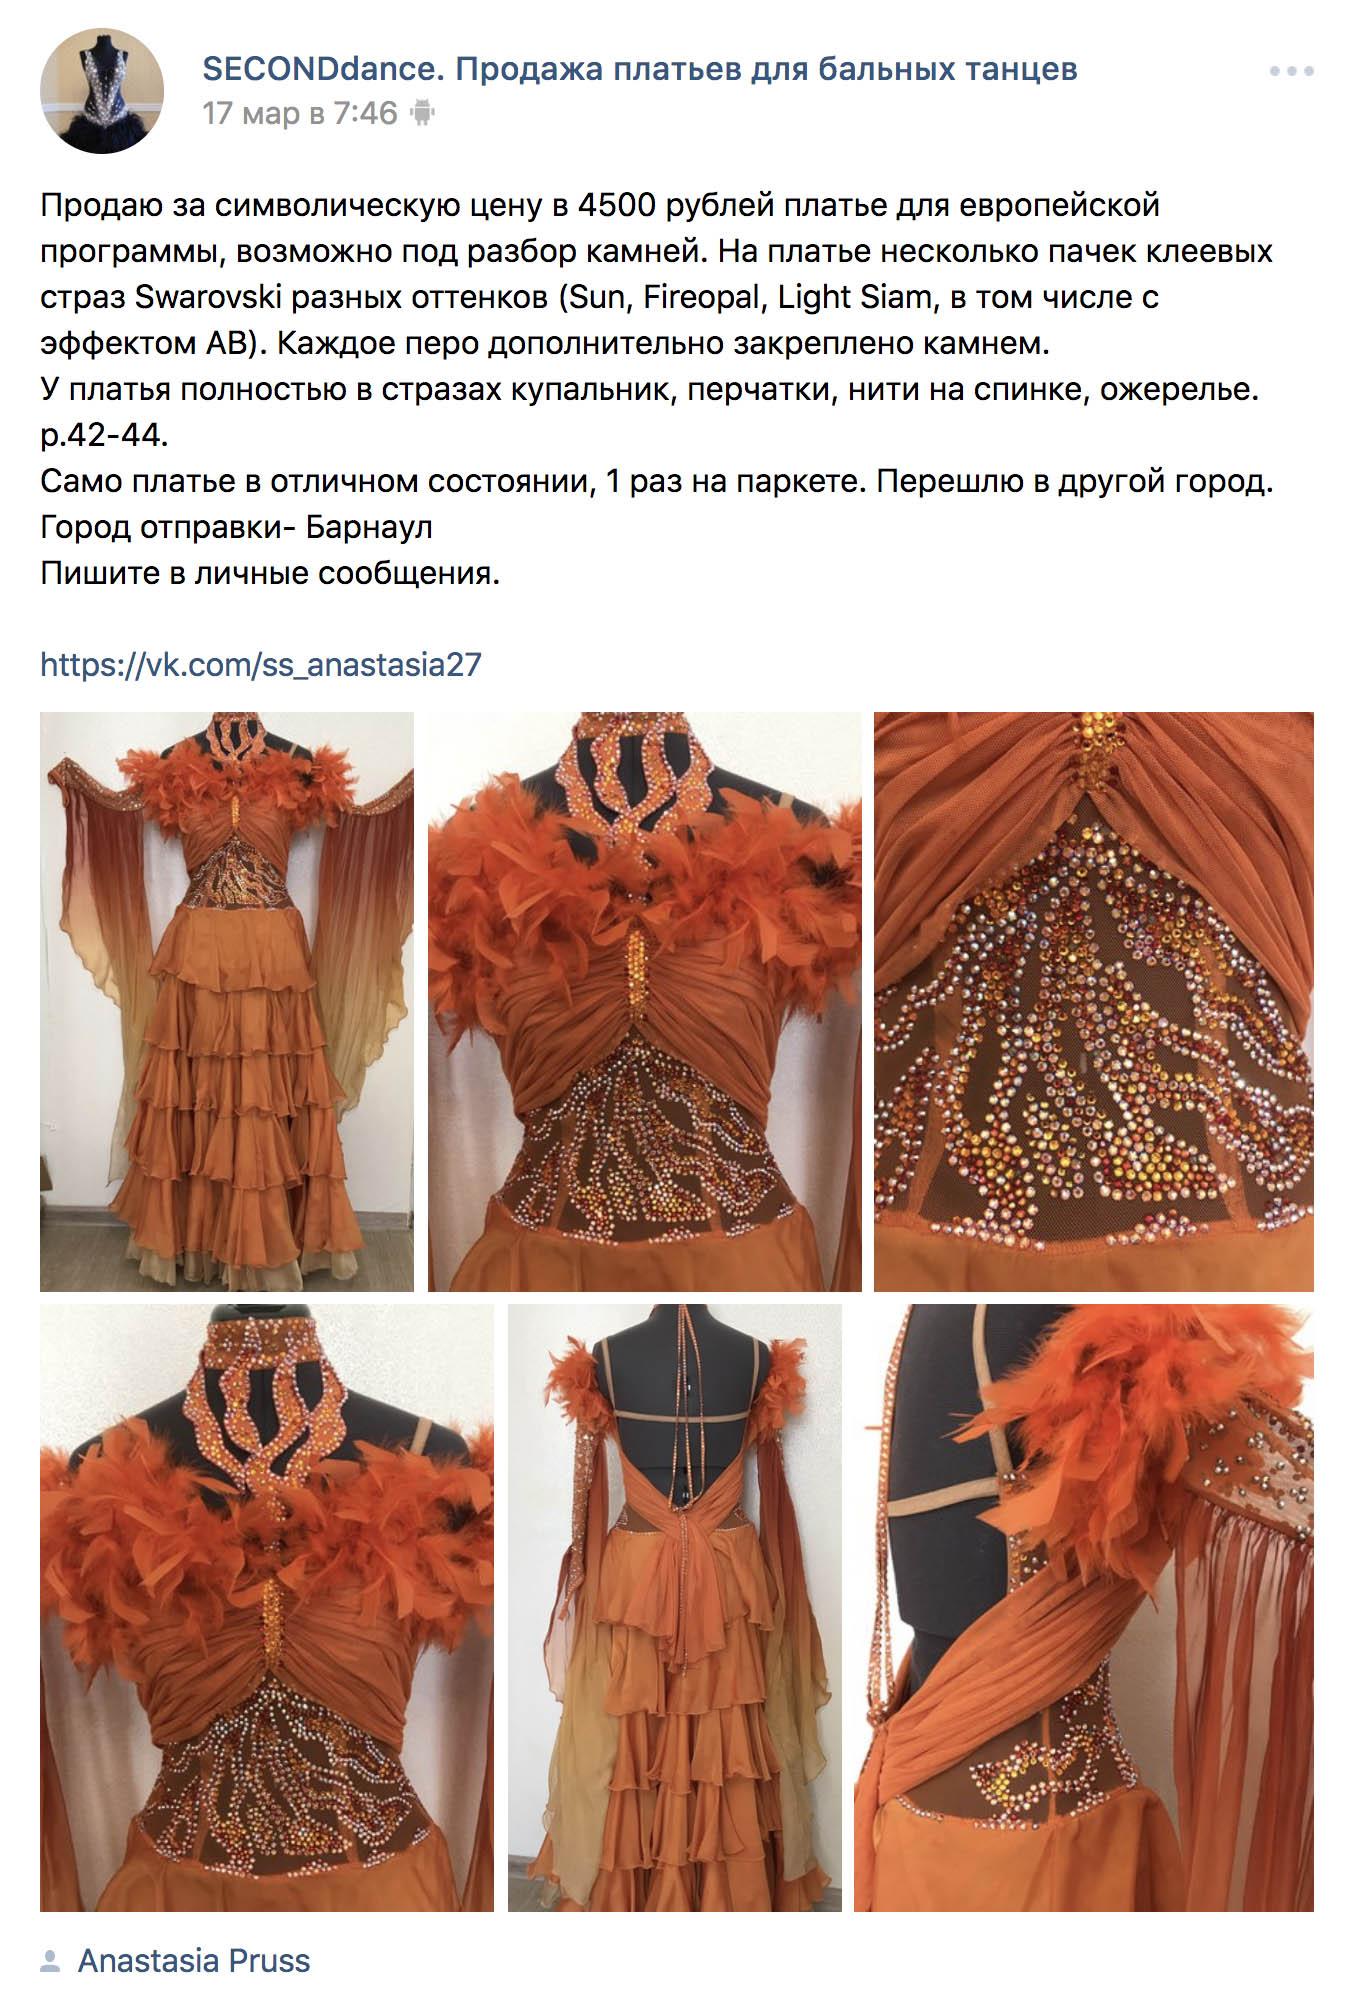 Подержанное платье для выступлений за 4500<span class=ruble>Р</span>. «Один раз на паркете», — как говорят бальники. Источник: группа «Second Dance. Продажа платьев для бальных танцев»